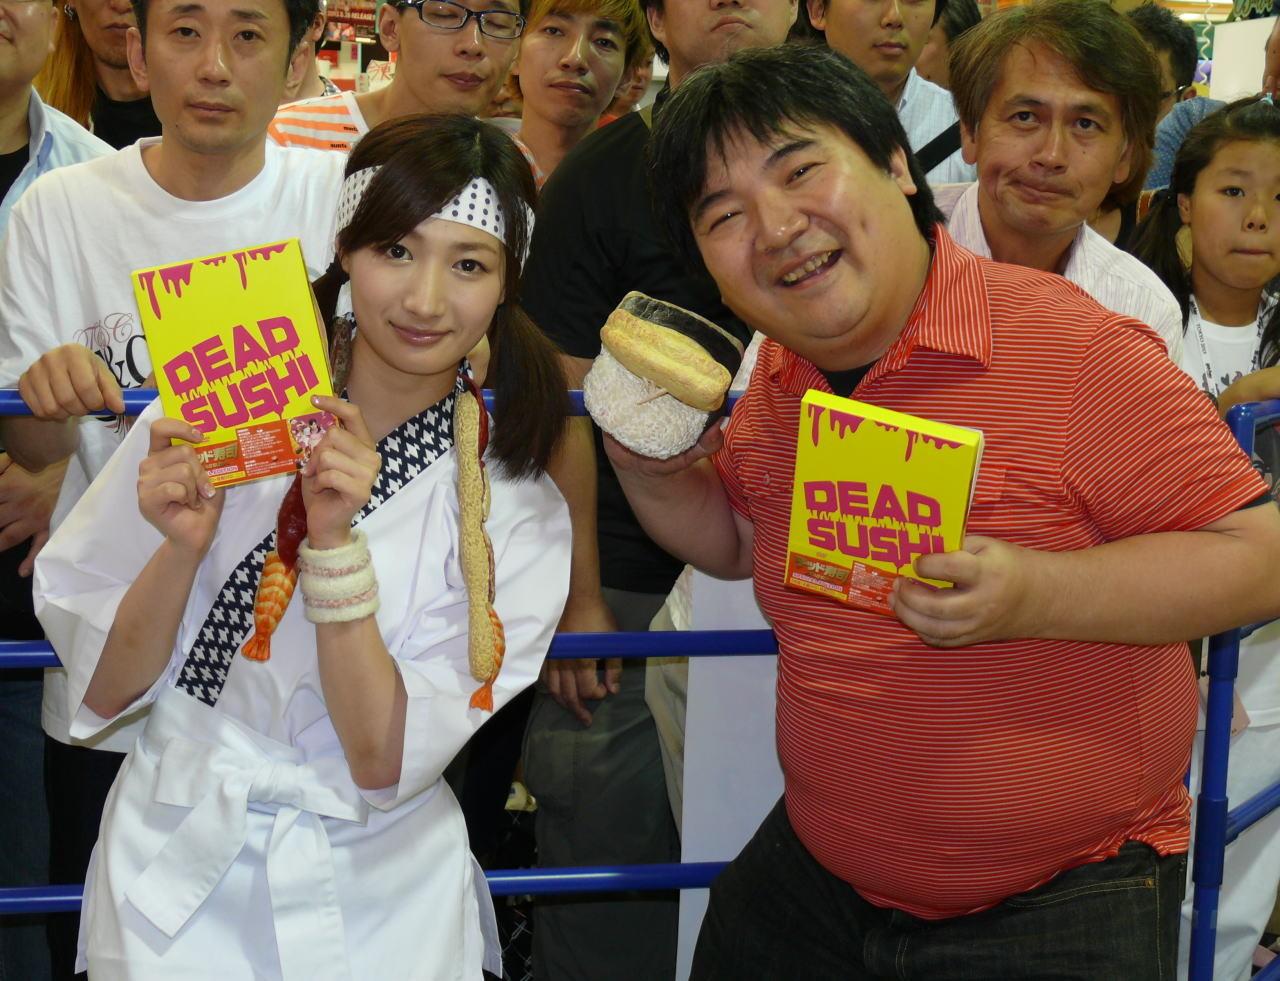 台本の意味がわからなすぎる… 松崎しげる「デッド寿司」出演を一度断る